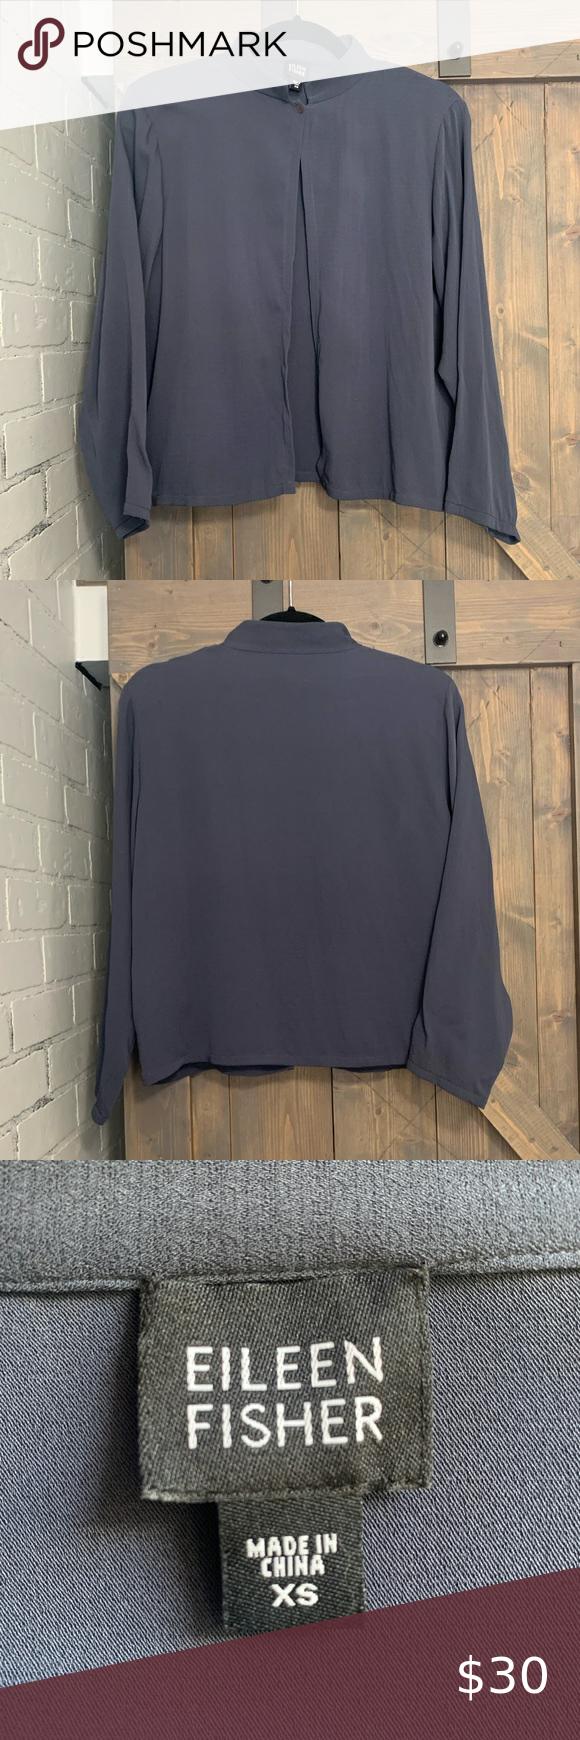 Eileen Fisher Silk Jacket Silk Jacket Eileen Fisher Eileen Fisher Jacket [ 1740 x 580 Pixel ]